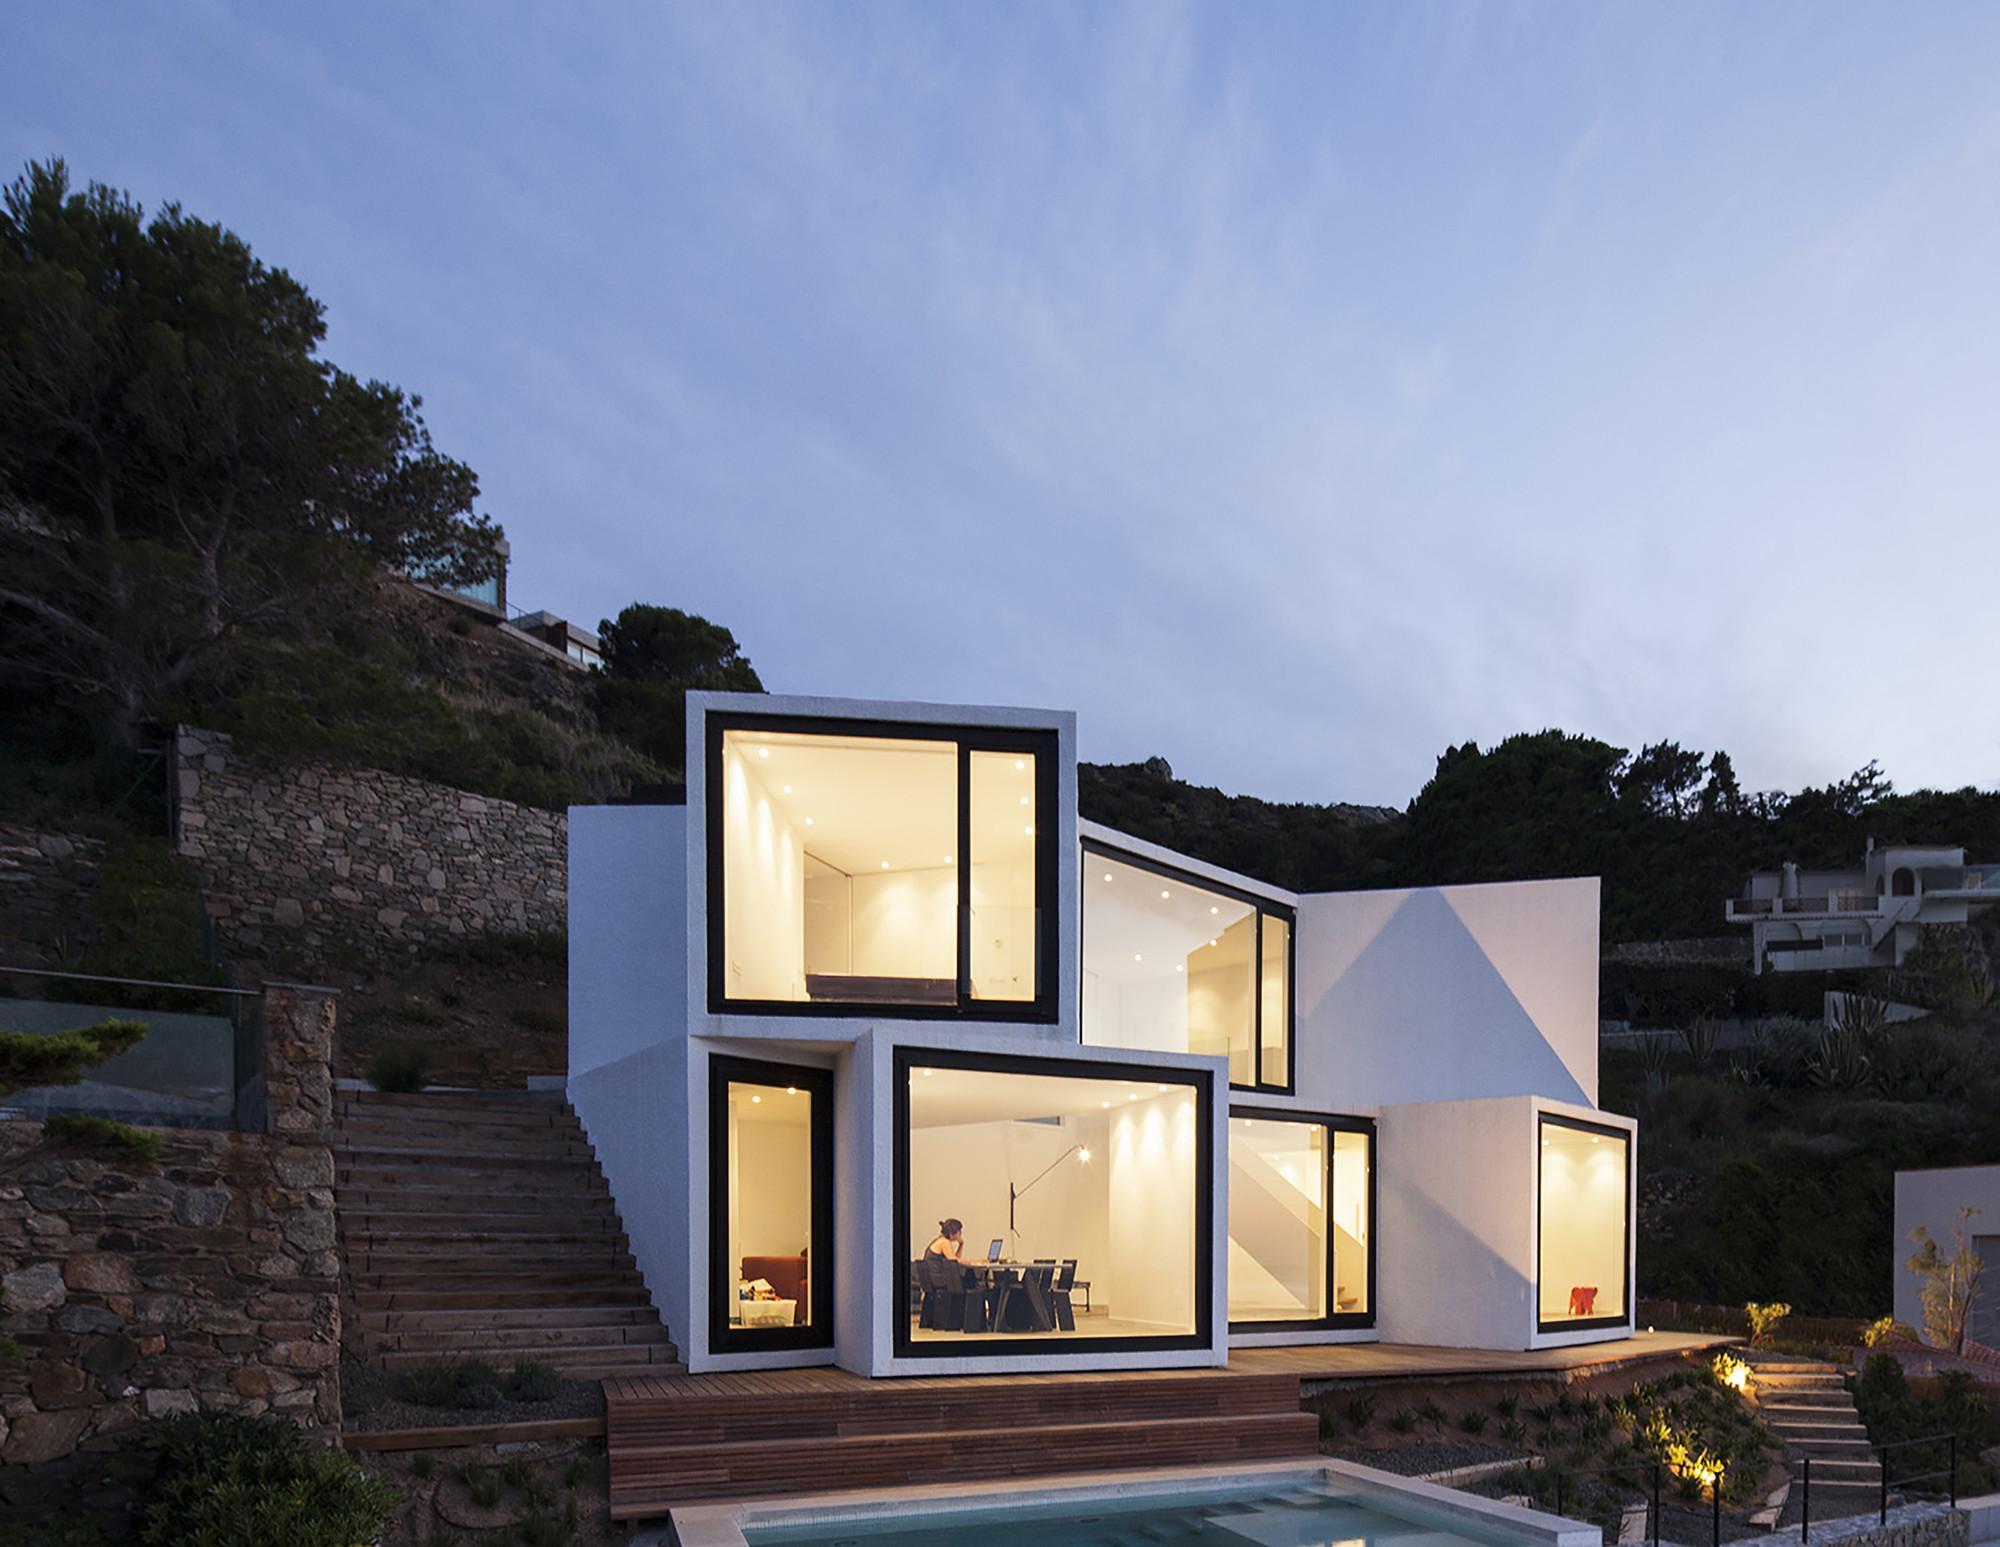 Sunflower House  / Cadaval & Solà-Morales, © Sandra Pereznieto